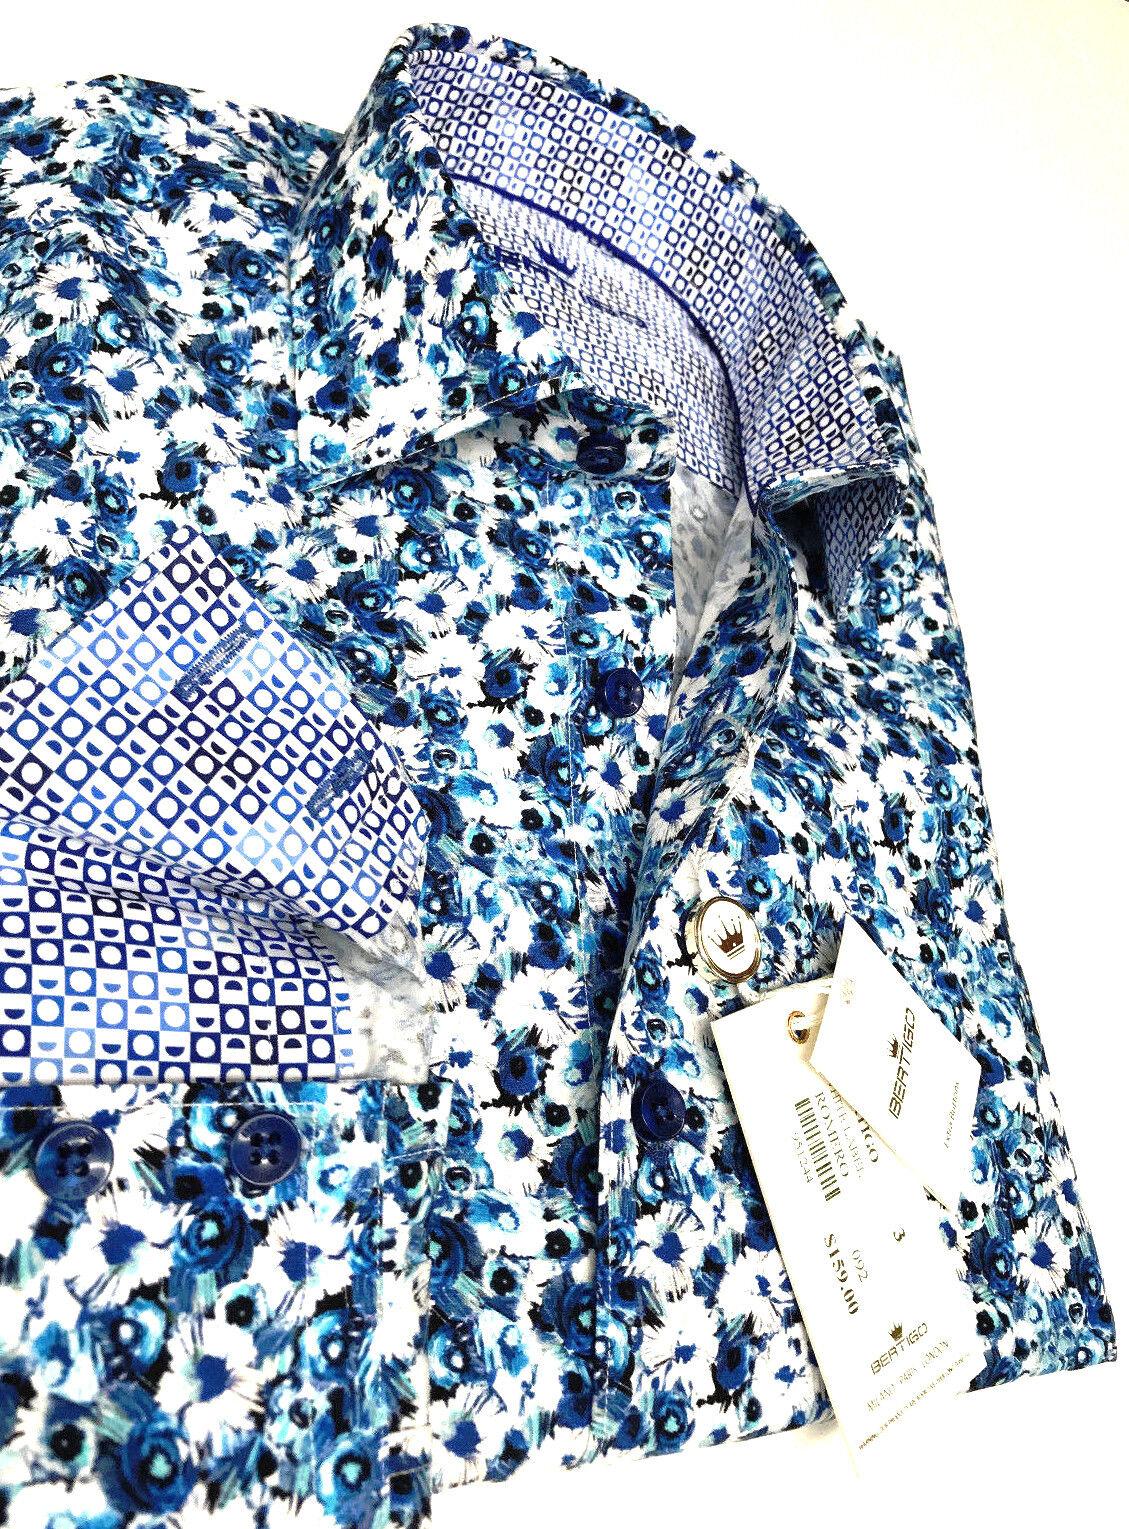 BERTIGO dress shirt ROMERO-92 ( Weiß LABEL ) NEW COLLECTION